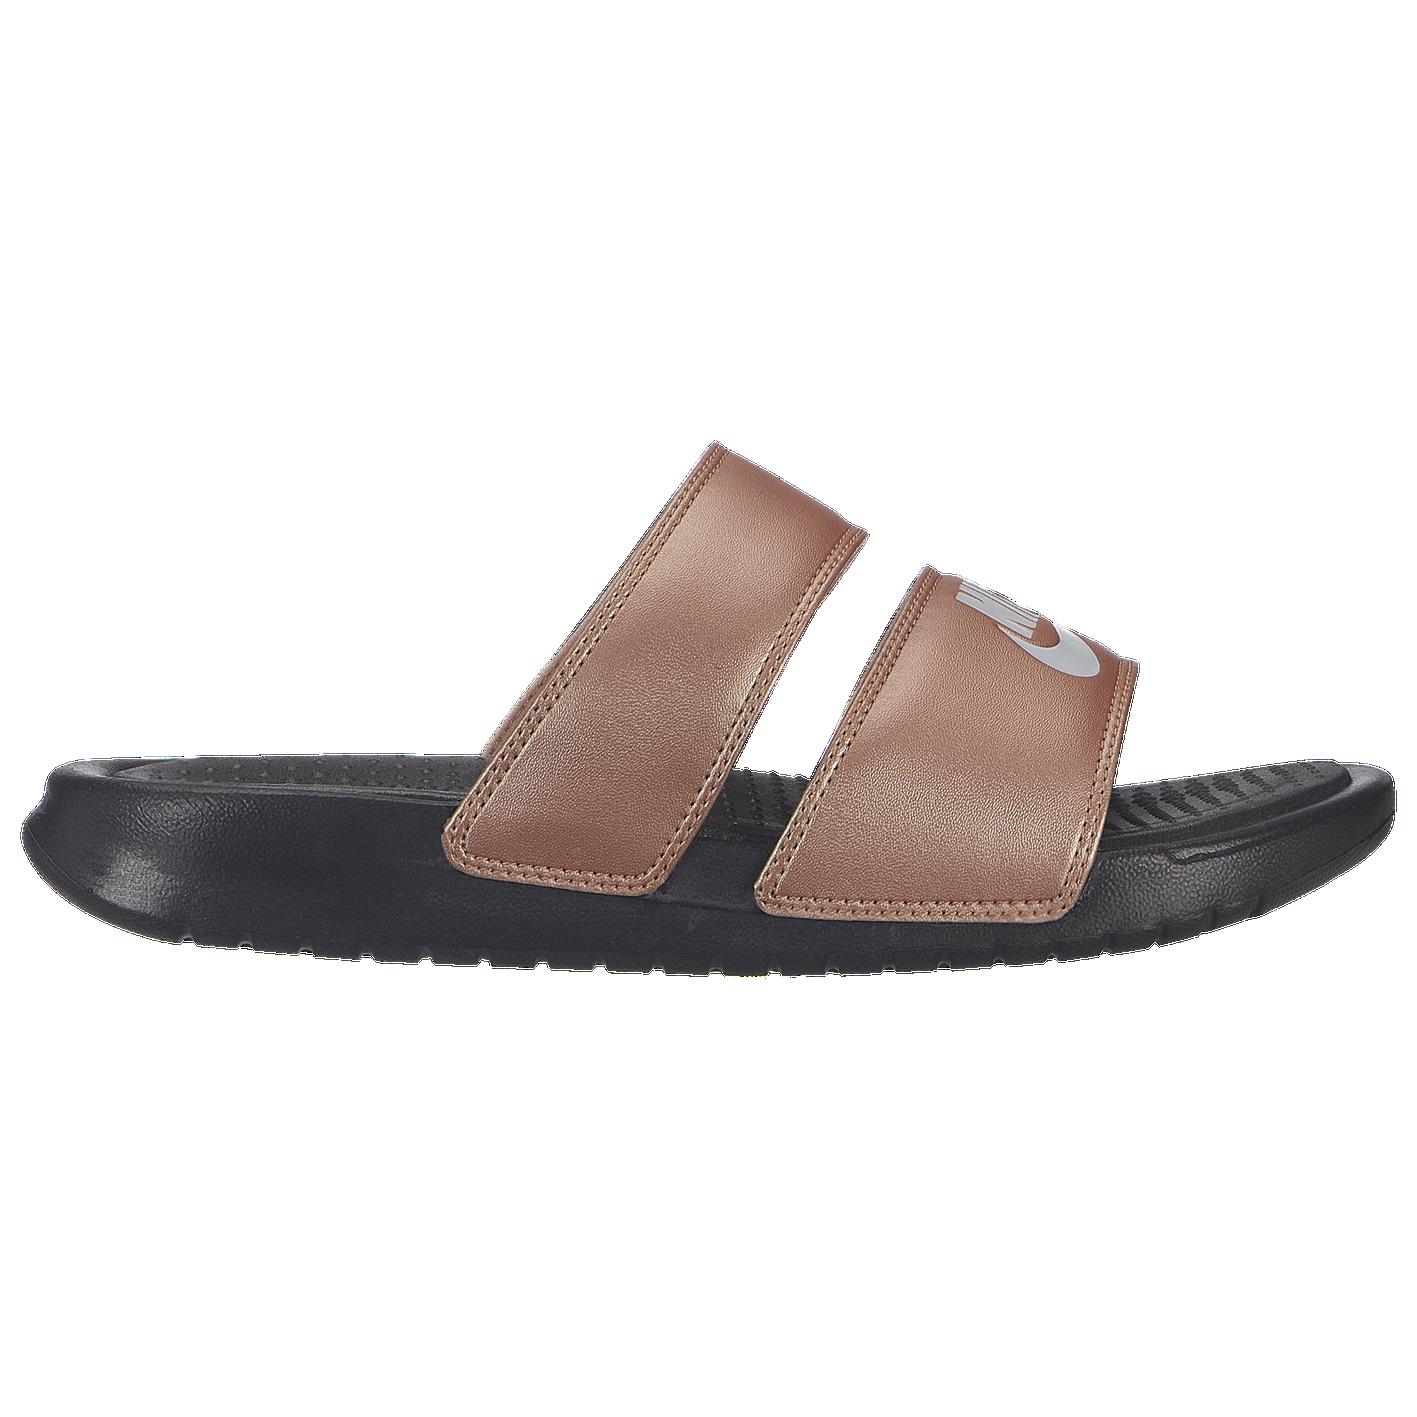 23812c345cdb Nike Benassi Duo Ultra Slide - Women s - Casual - Shoes - Metallic ...